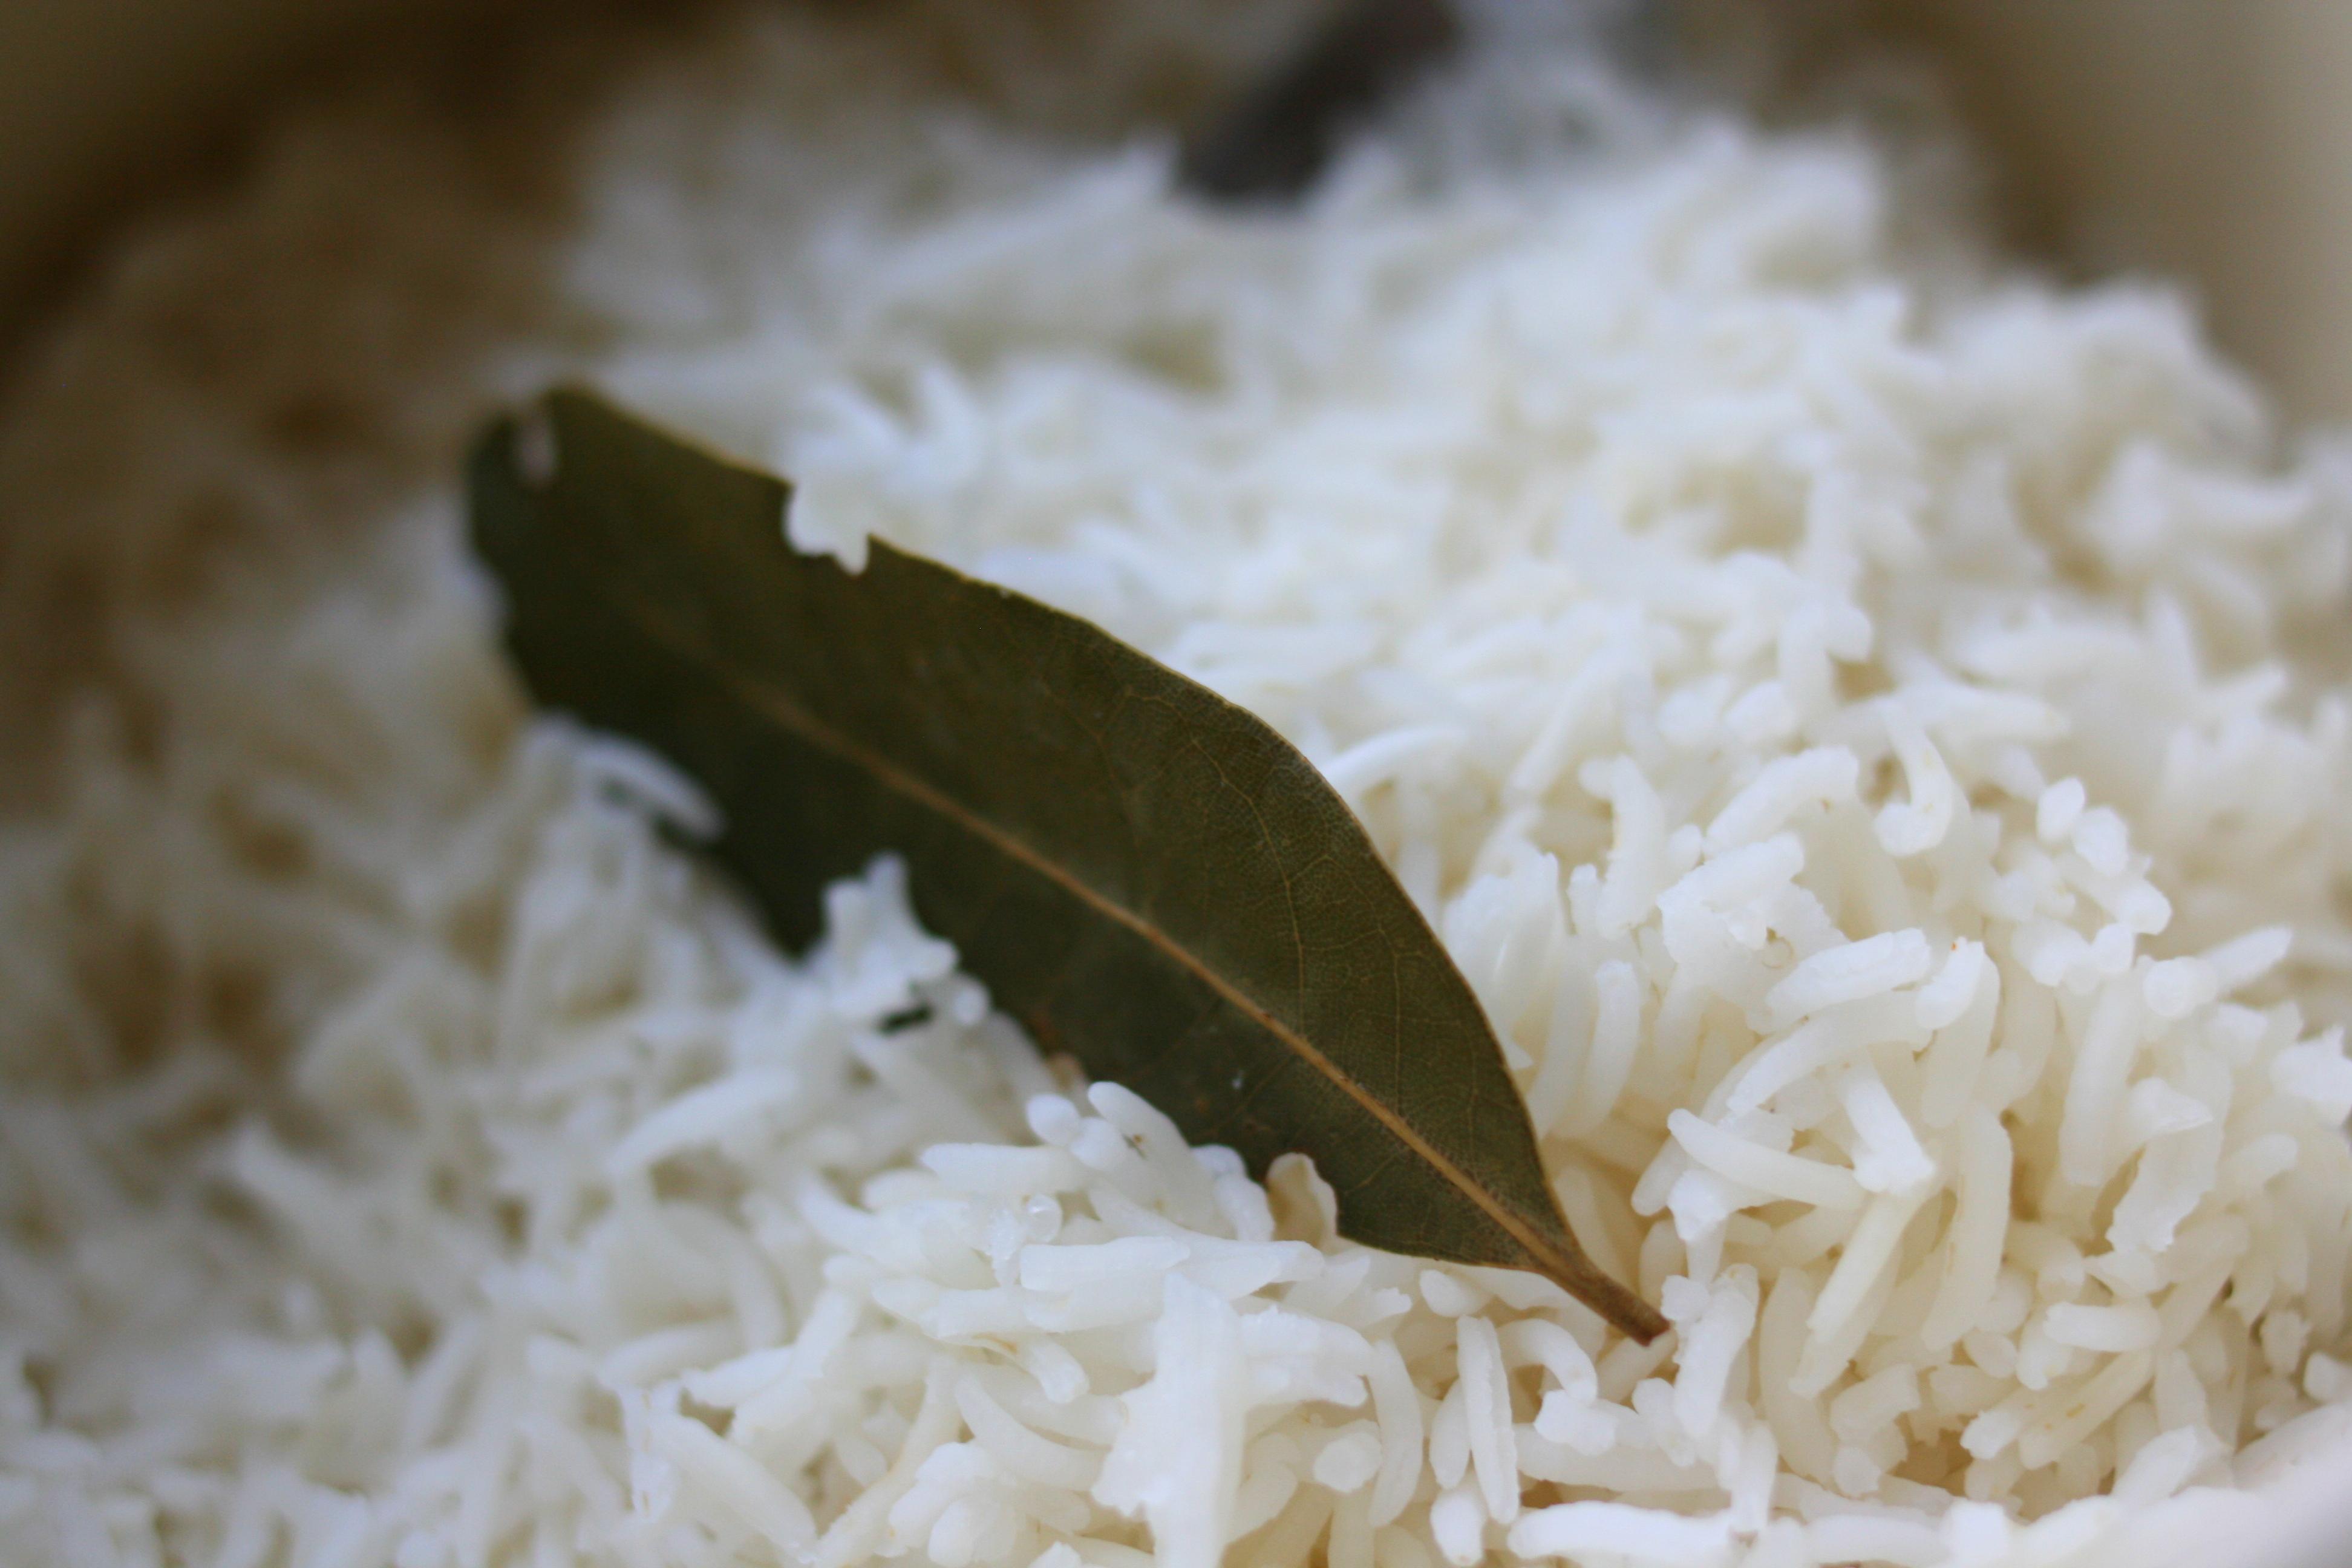 אורז לבן מבושל עם עלה דפנה.